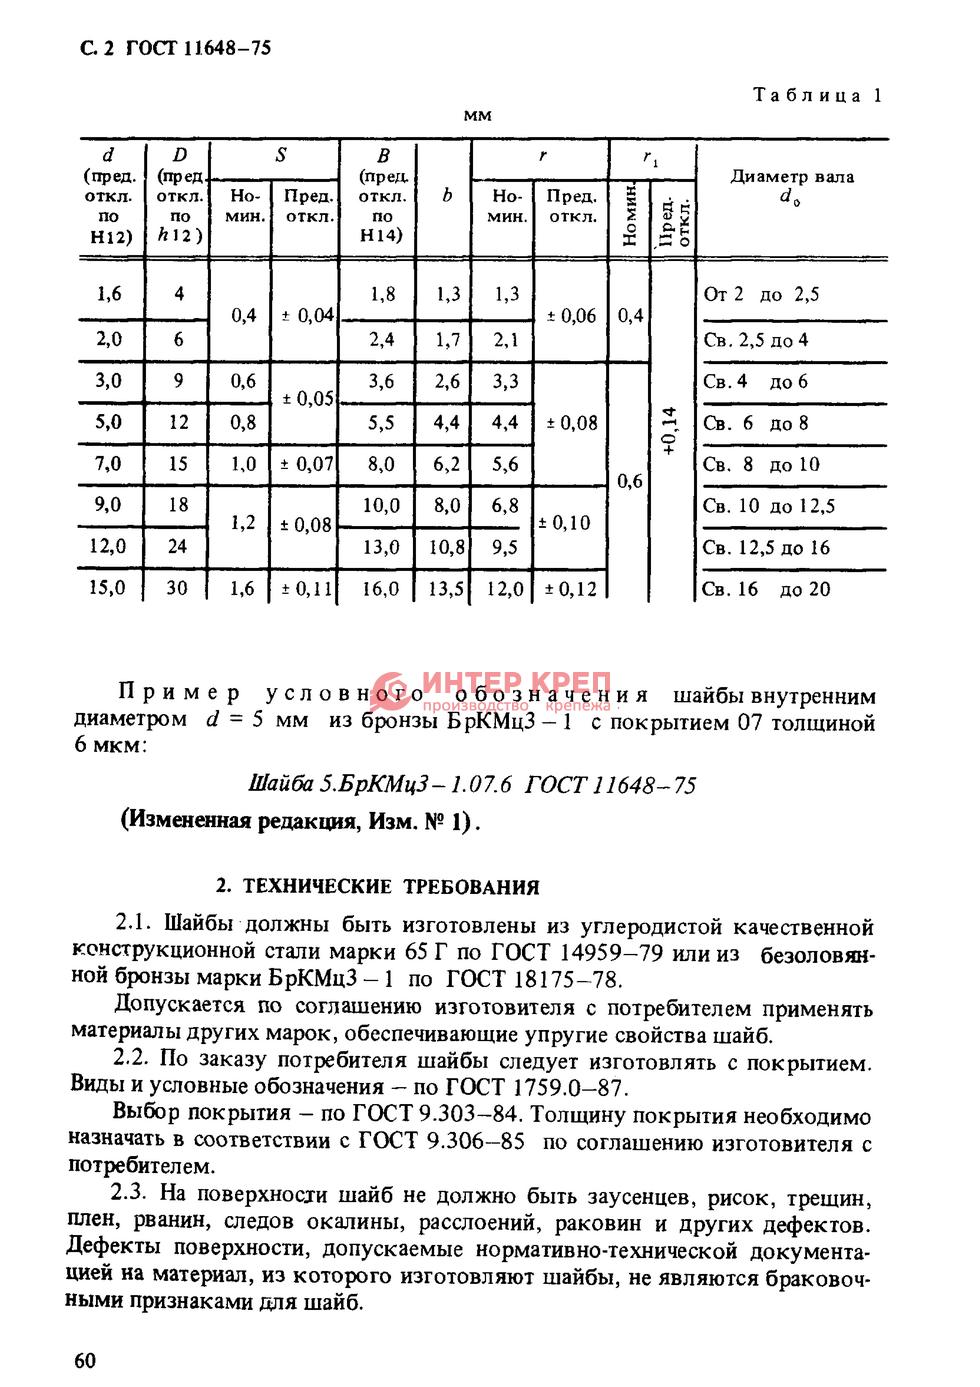 Гост 11648-75 шайба упорная быстросъемная оптом.